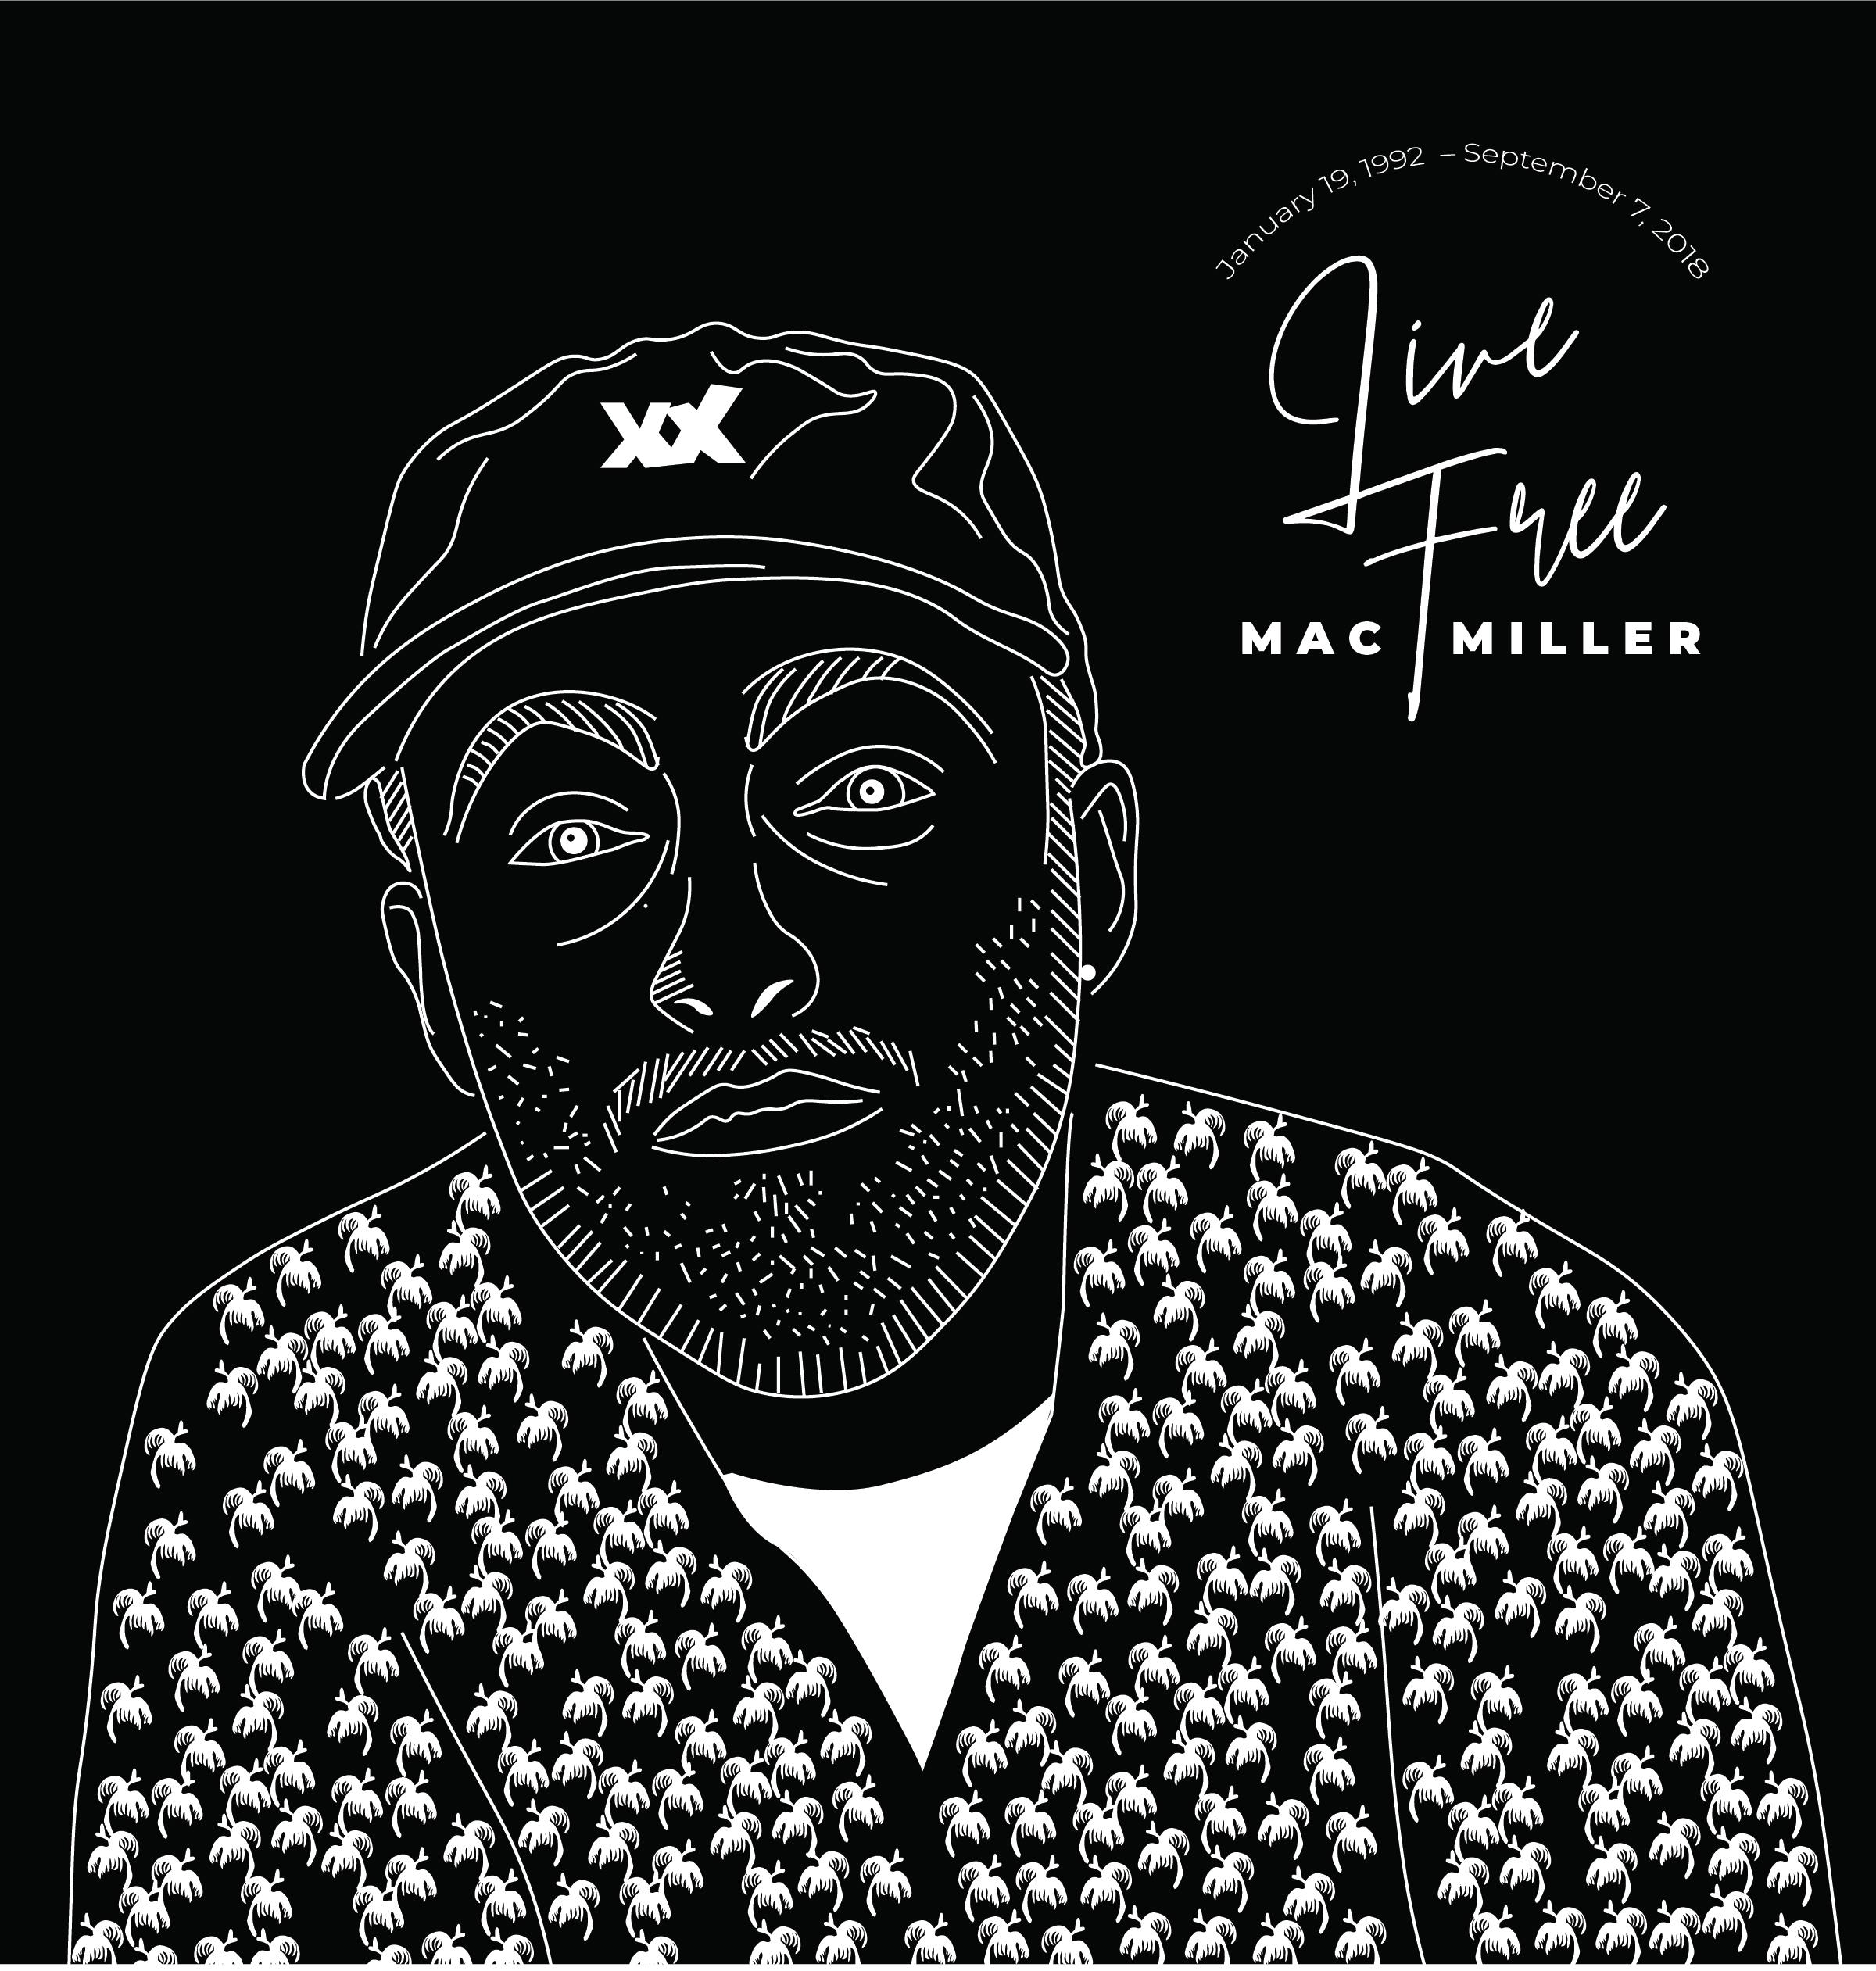 Mac Miller Tribute